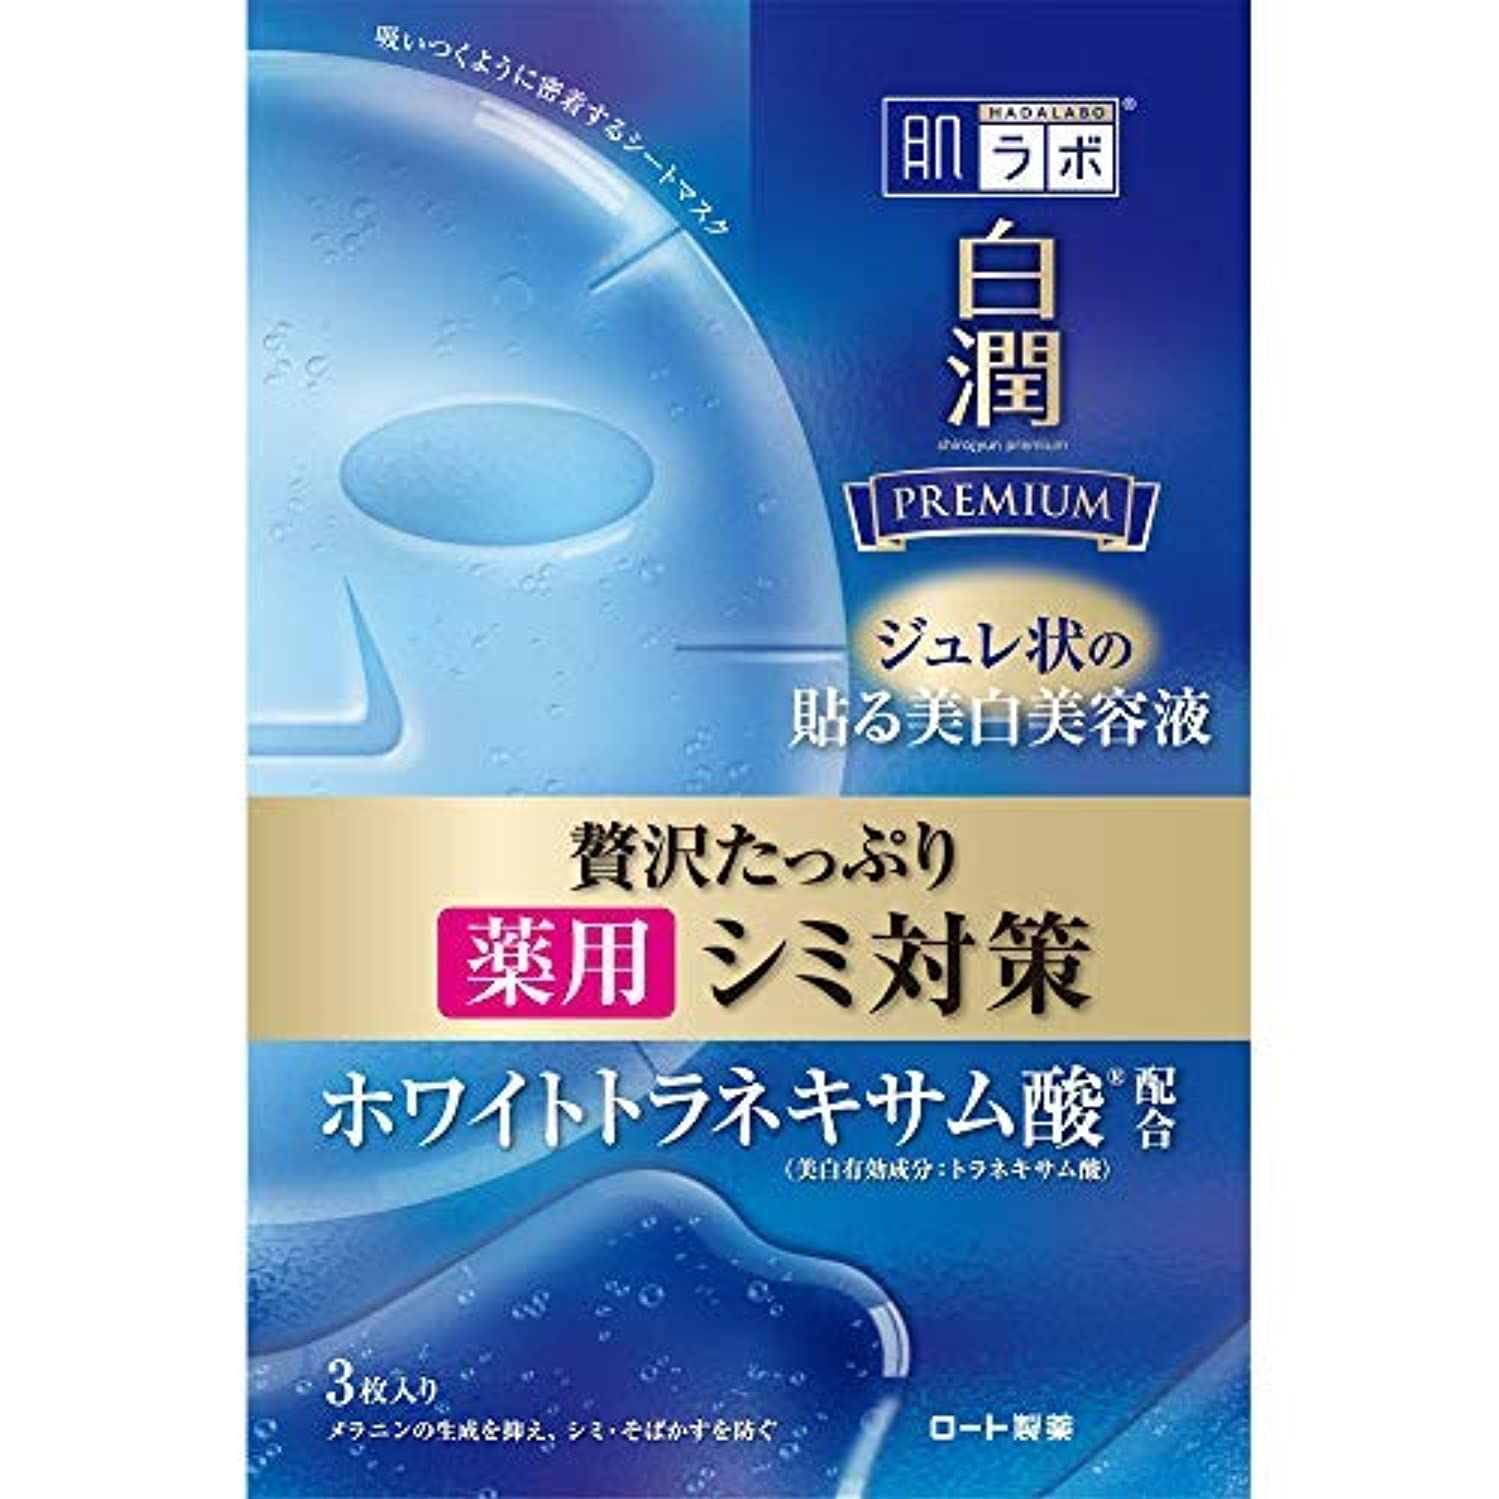 スペルスイス人後悔肌ラボ 白潤プレミアム 薬用浸透美白ジュレマスク × 6個セット